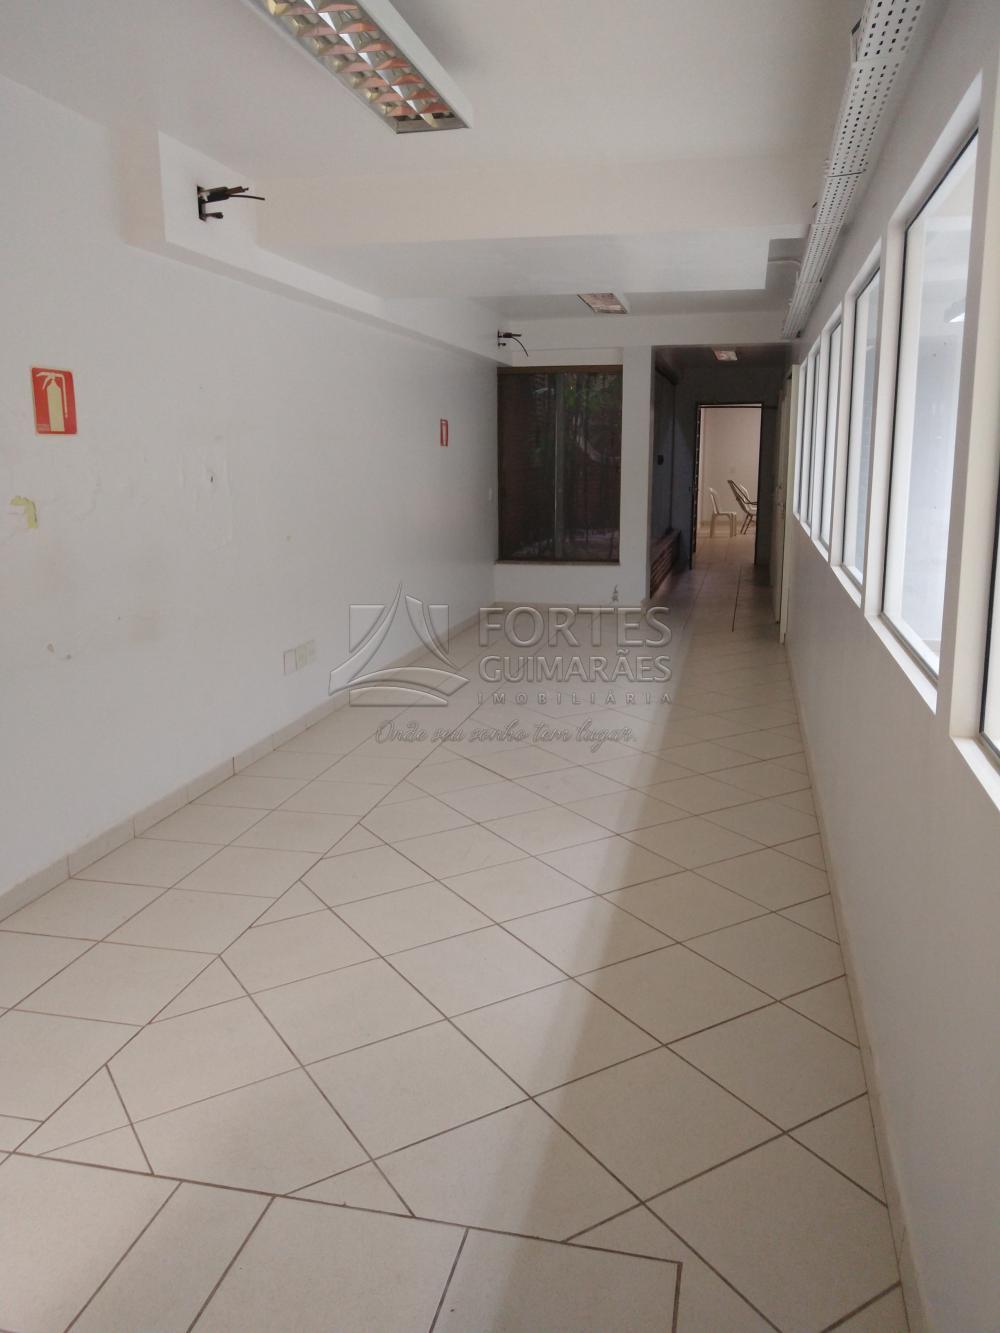 Alugar Comercial / Imóvel Comercial em Ribeirão Preto apenas R$ 12.000,00 - Foto 78